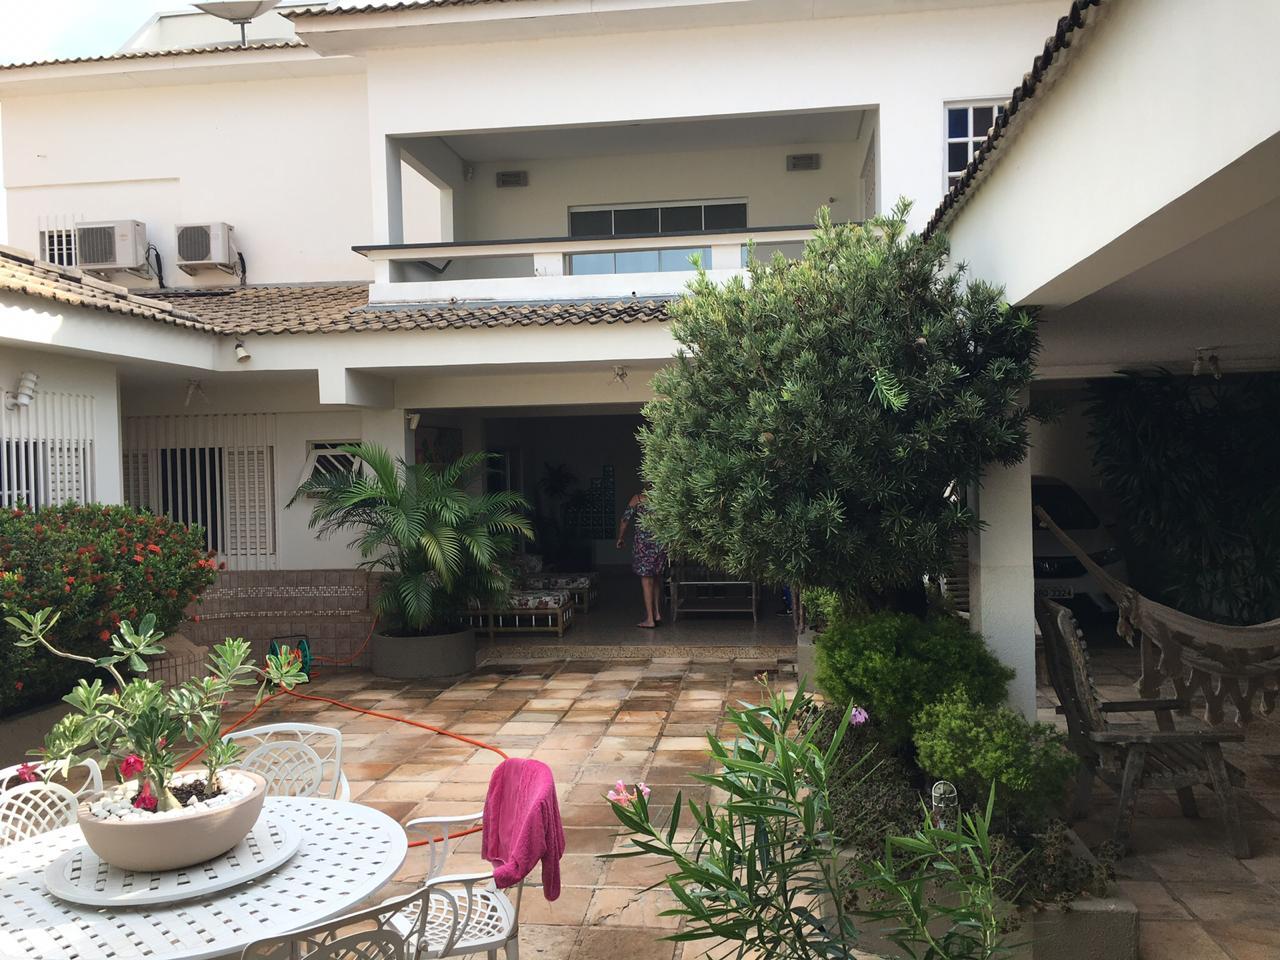 Casa à venda,  com 6 quartos sendo 5 suites no JD. DAS AMERICAS em Cuiabá MT 101 12567